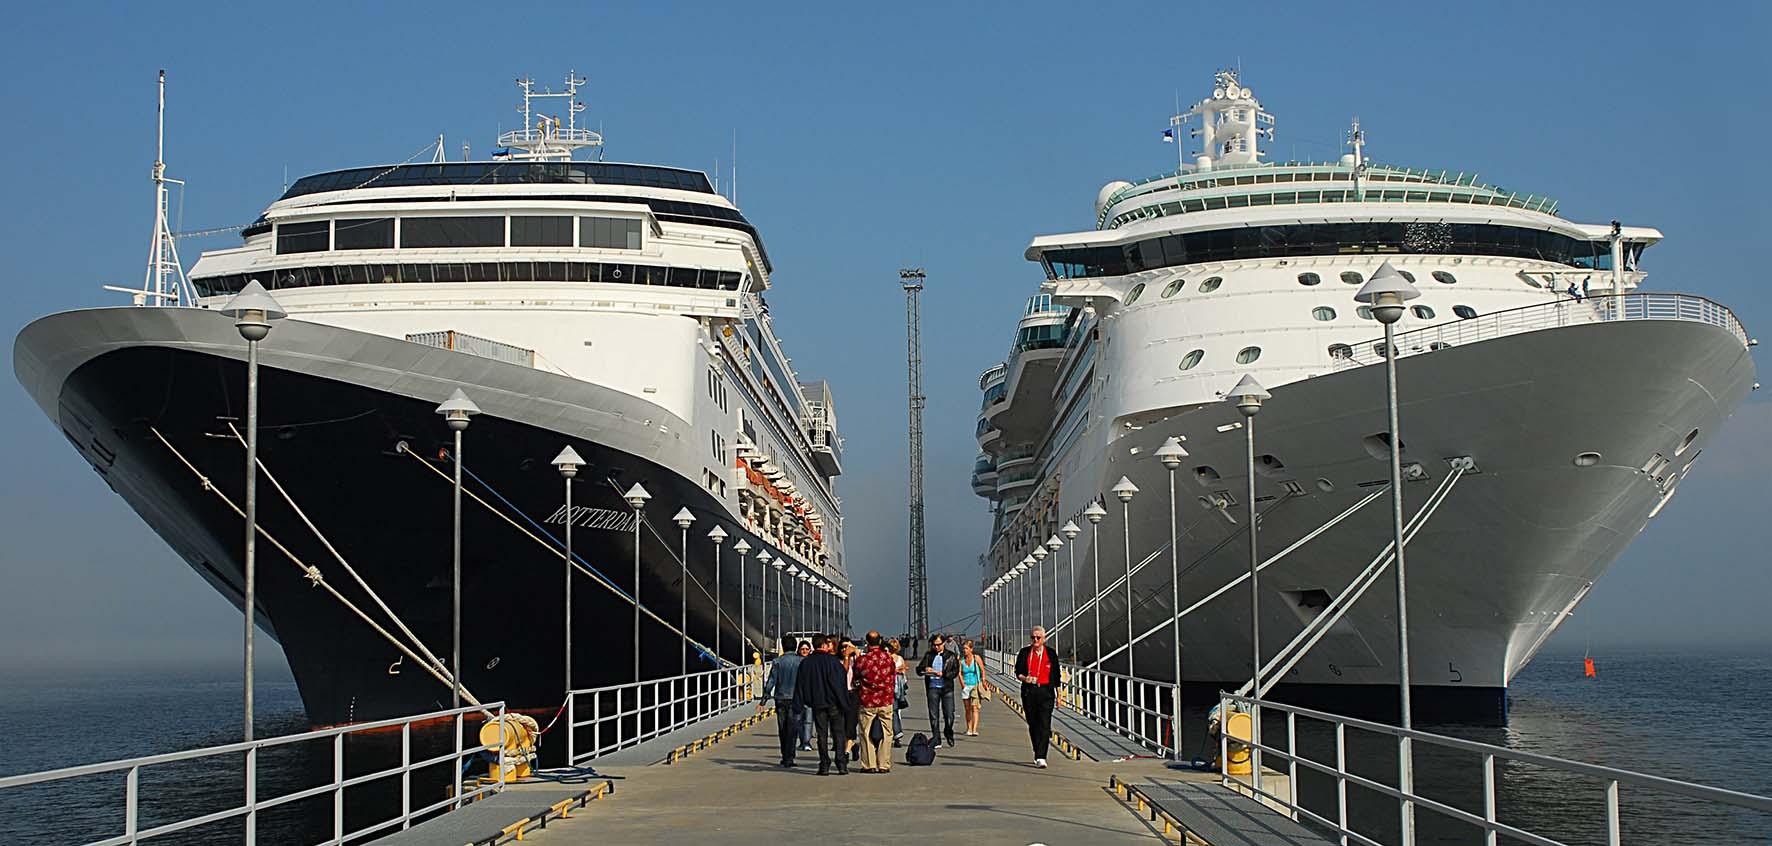 porto banchina ormeggio navi crociera